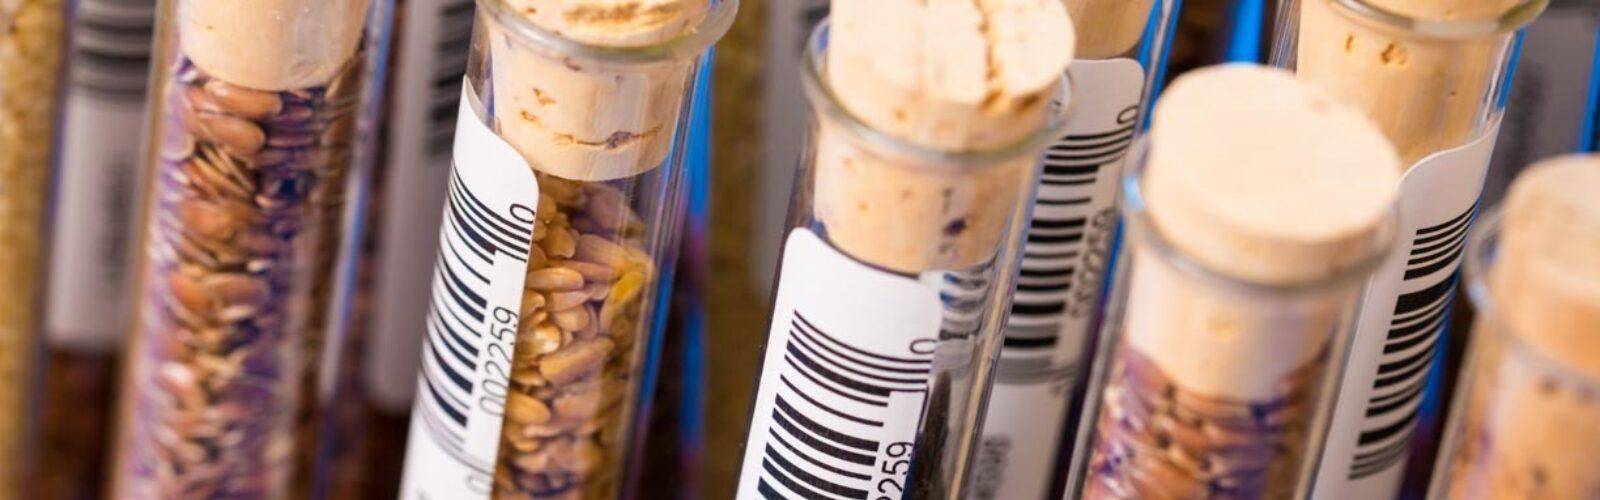 seed-storage